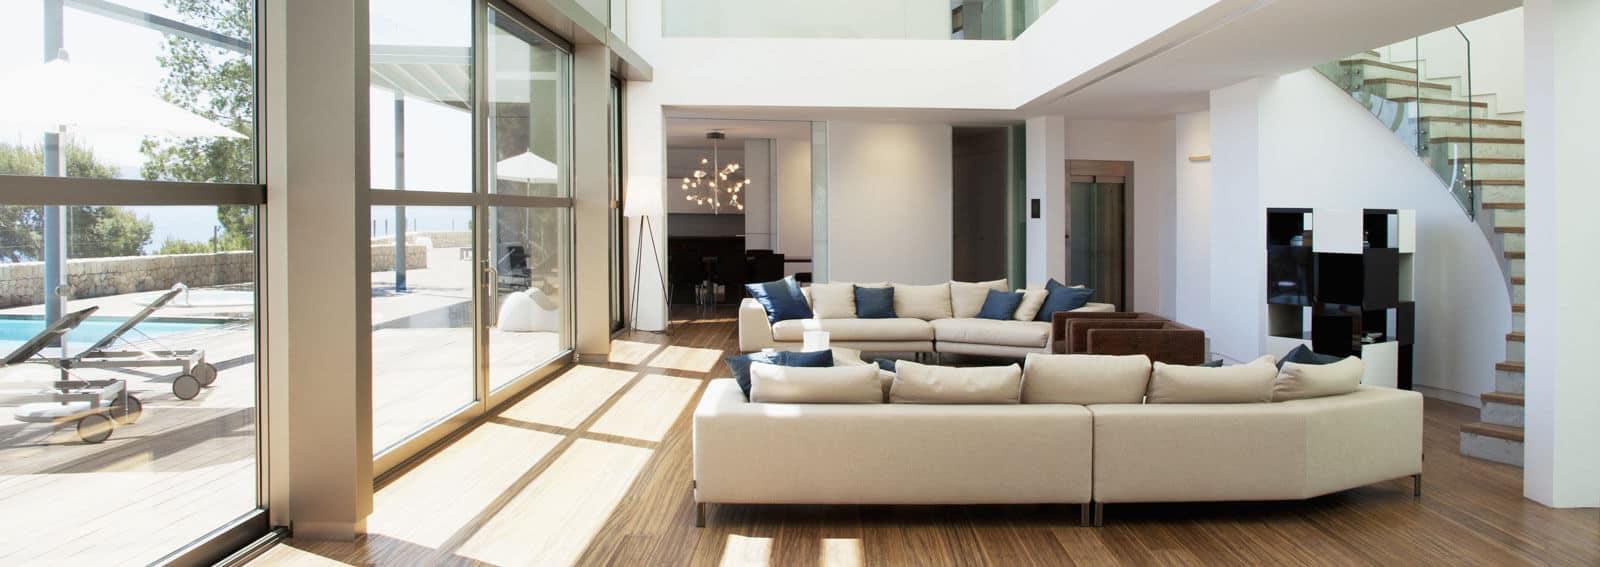 Perth luxury builders